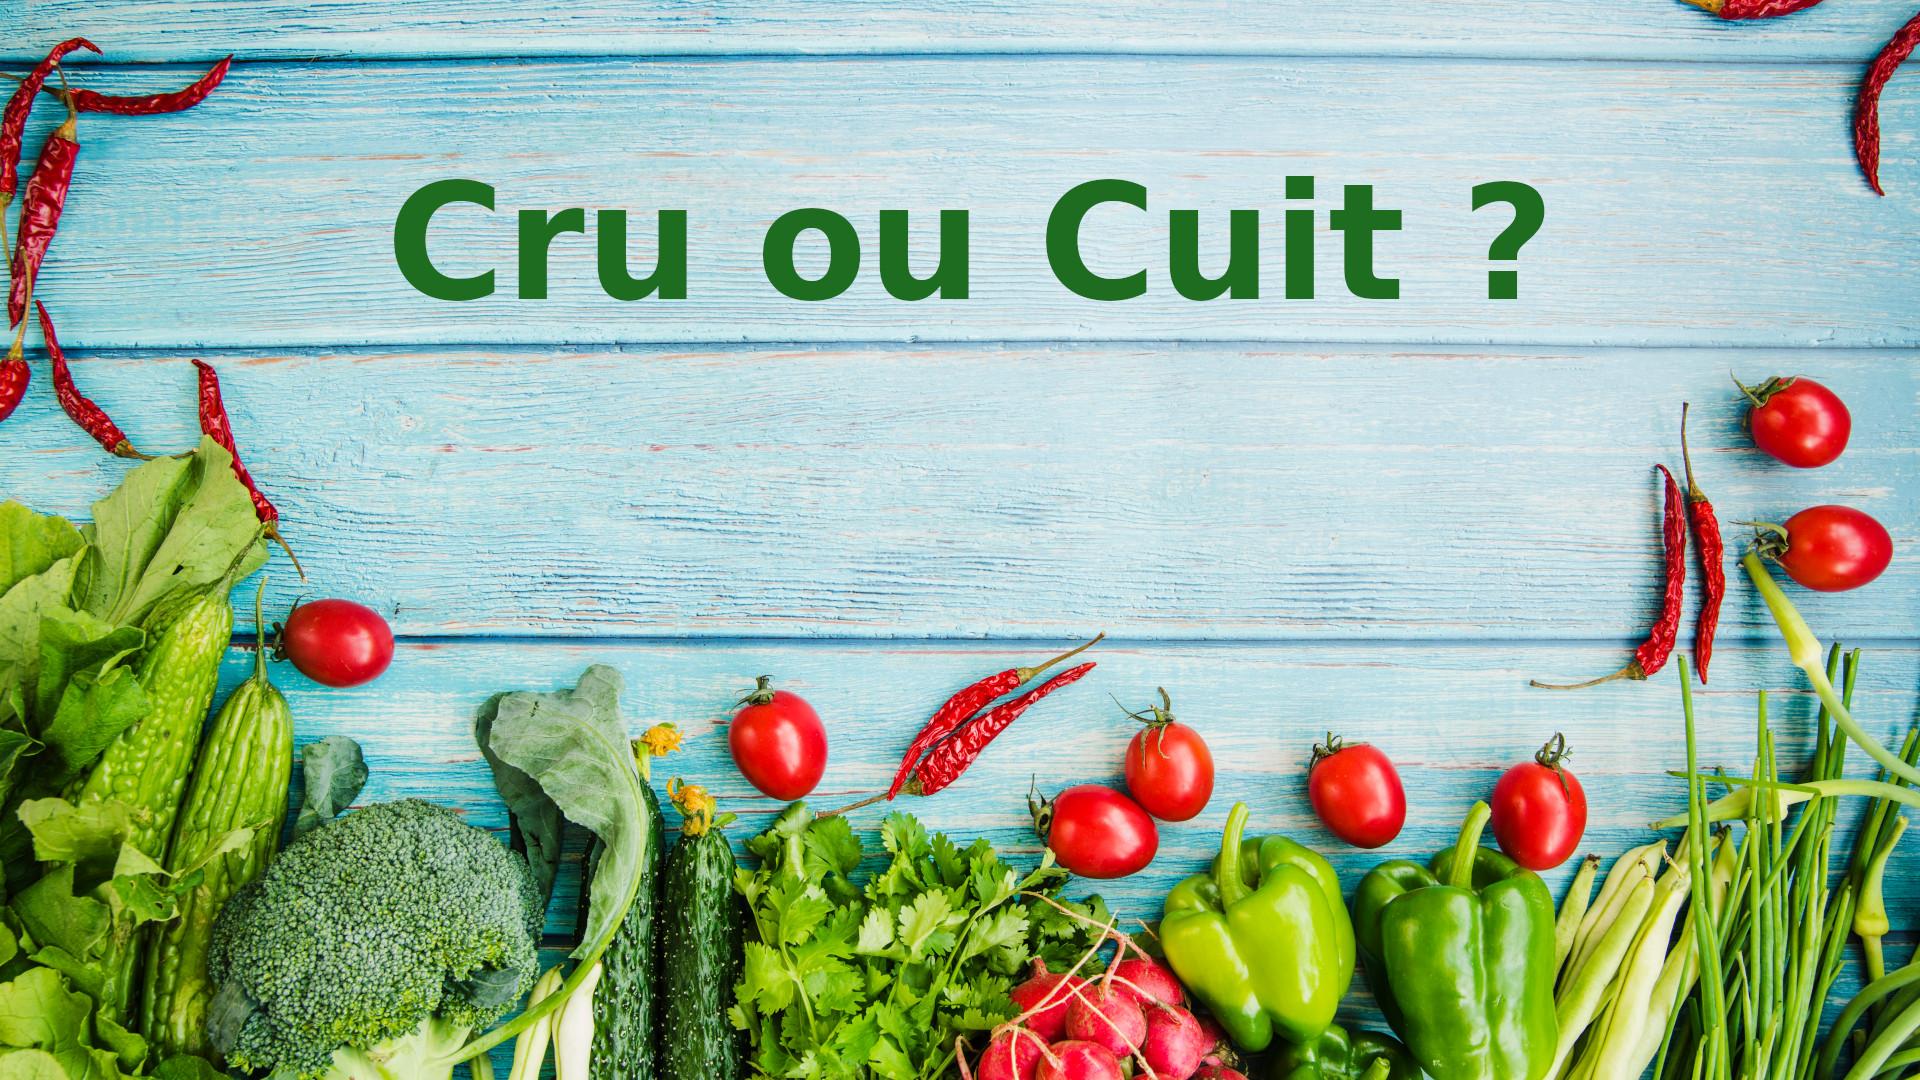 vanessa-lopez-blog-naturopathie-cuisson-basse-temperature-meilleurs-modes-cuissons-cru-ou-cuit